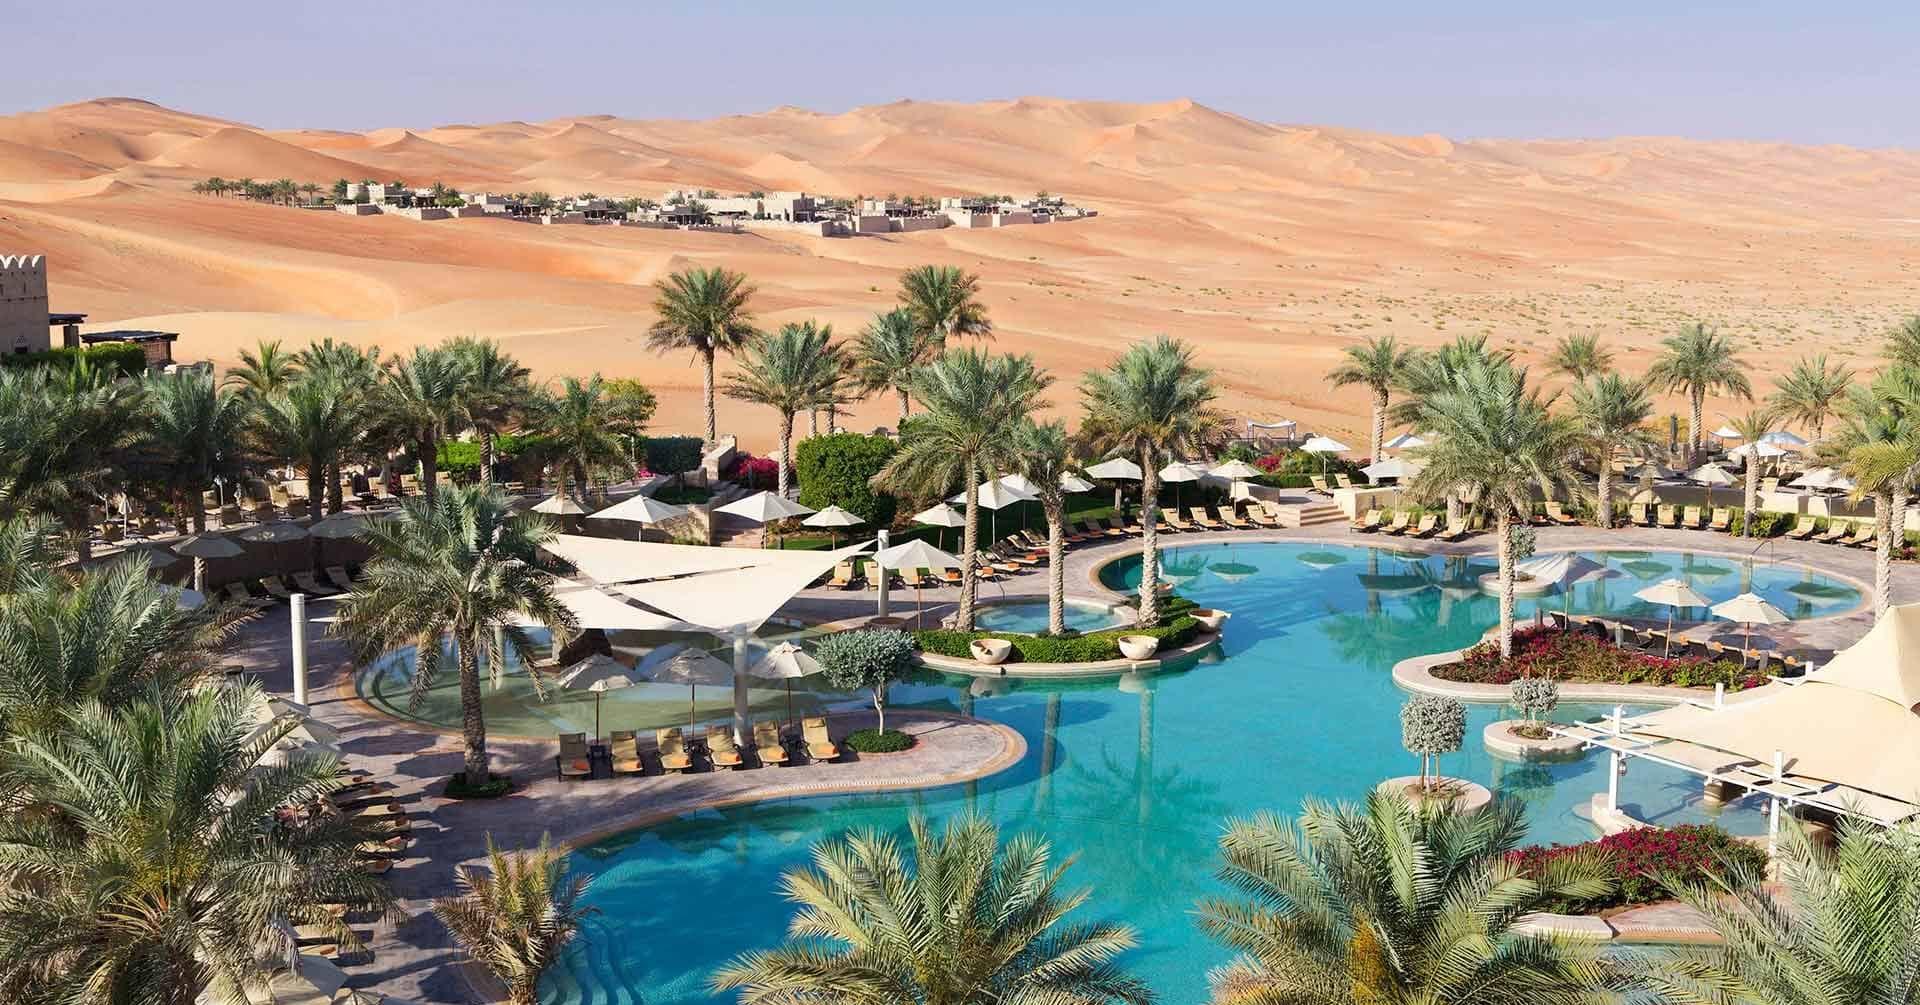 hotel-resorts-uae-staycations-dubai-hotels-in-uae-Croppeddddoddok-qasr_al_sarab_by_anantara_free_form_pool_1920x1037-Cropped